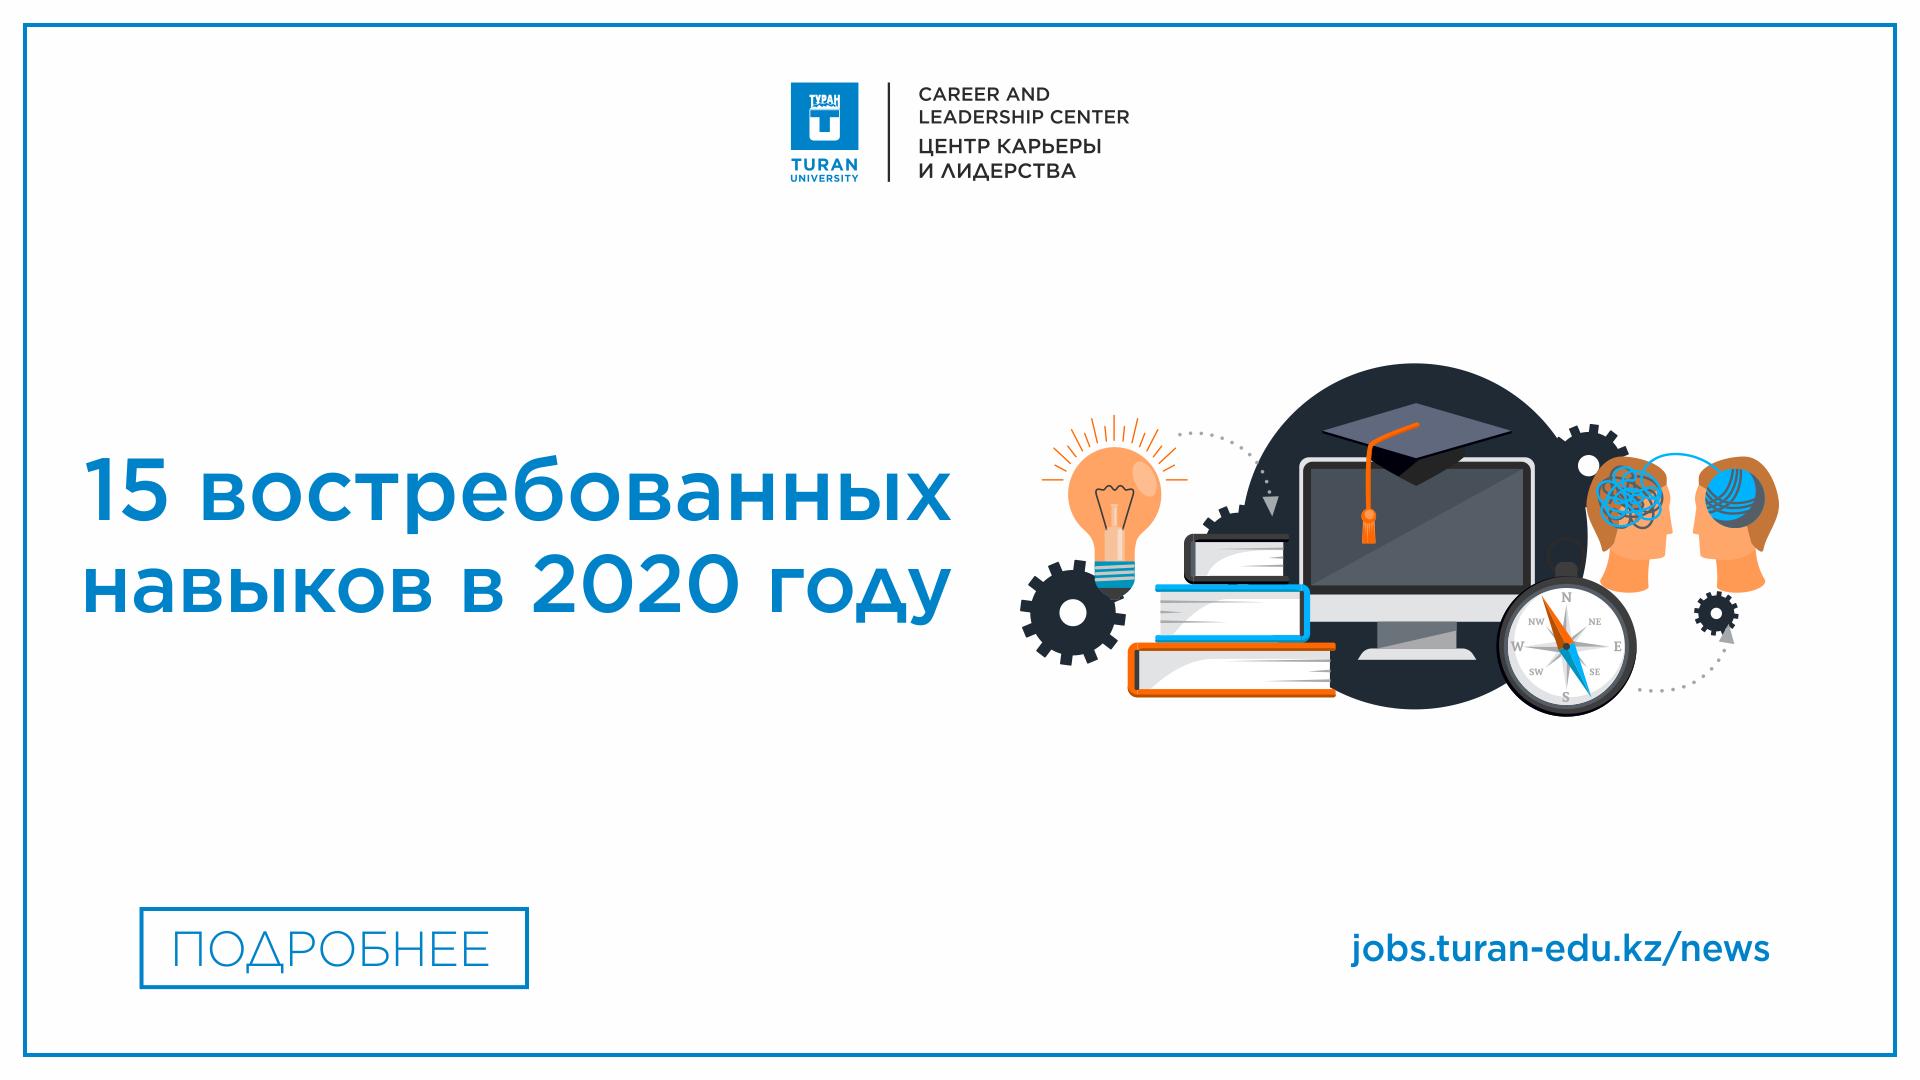 15 востребованных навыков в 2020 году